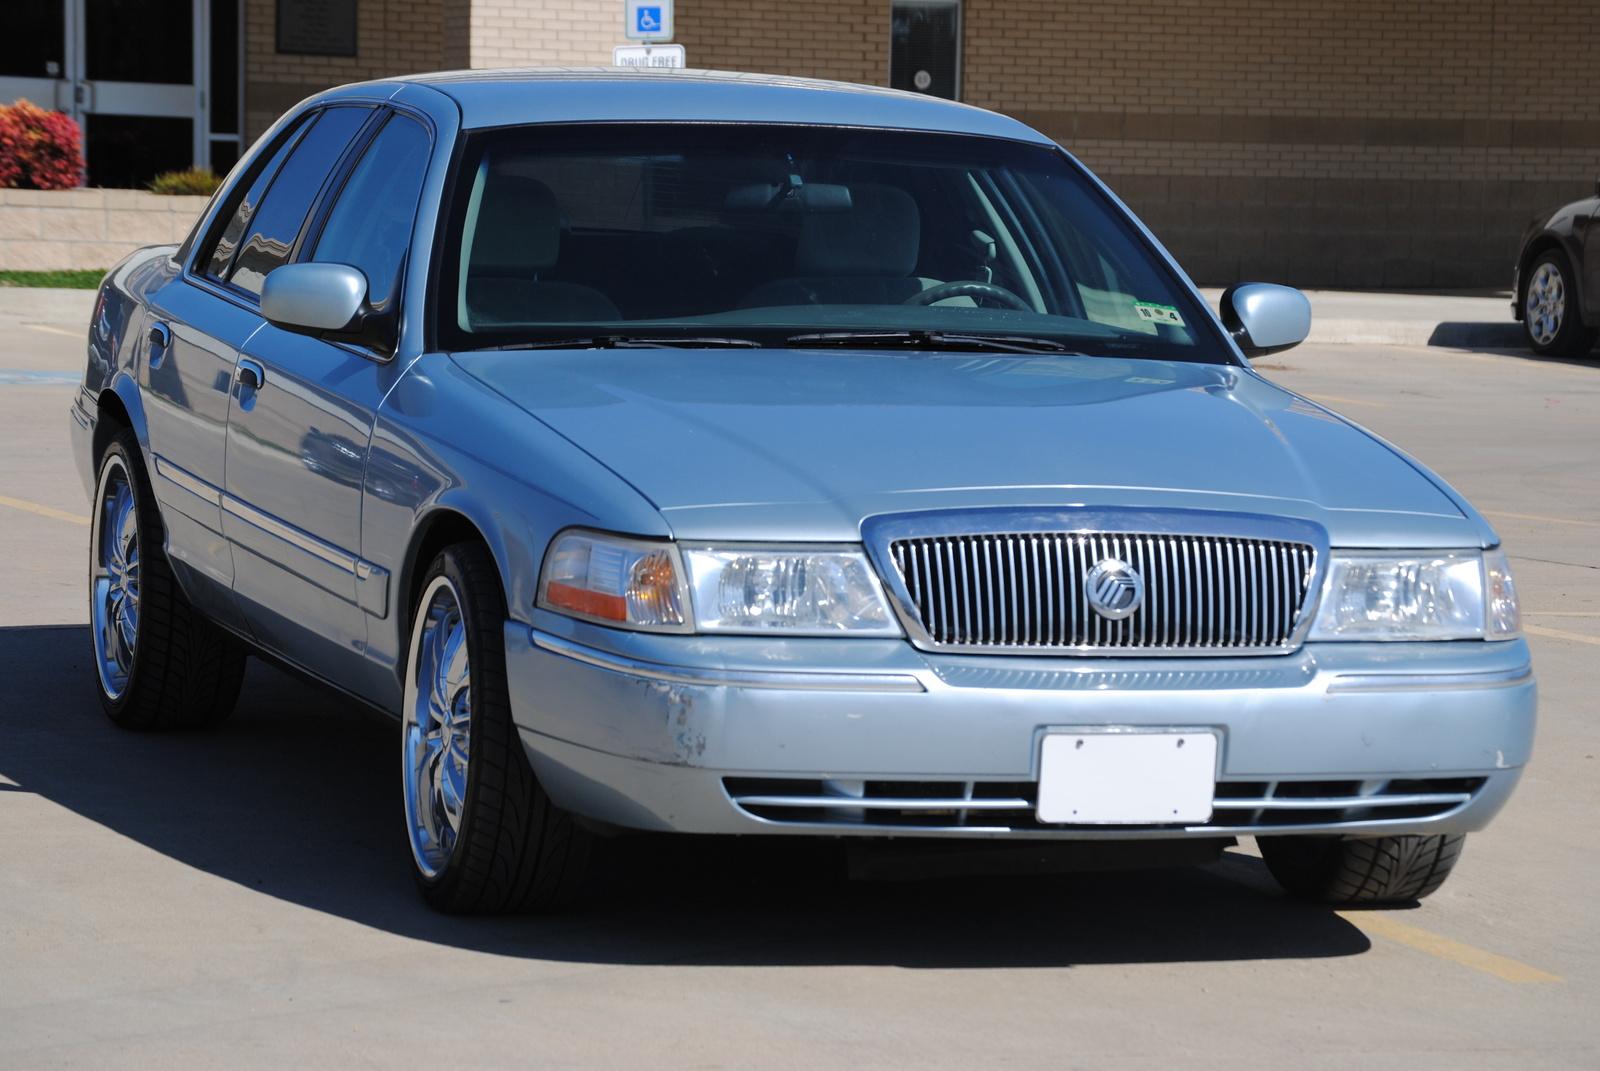 2003 mercury grand marquis pictures cargurus